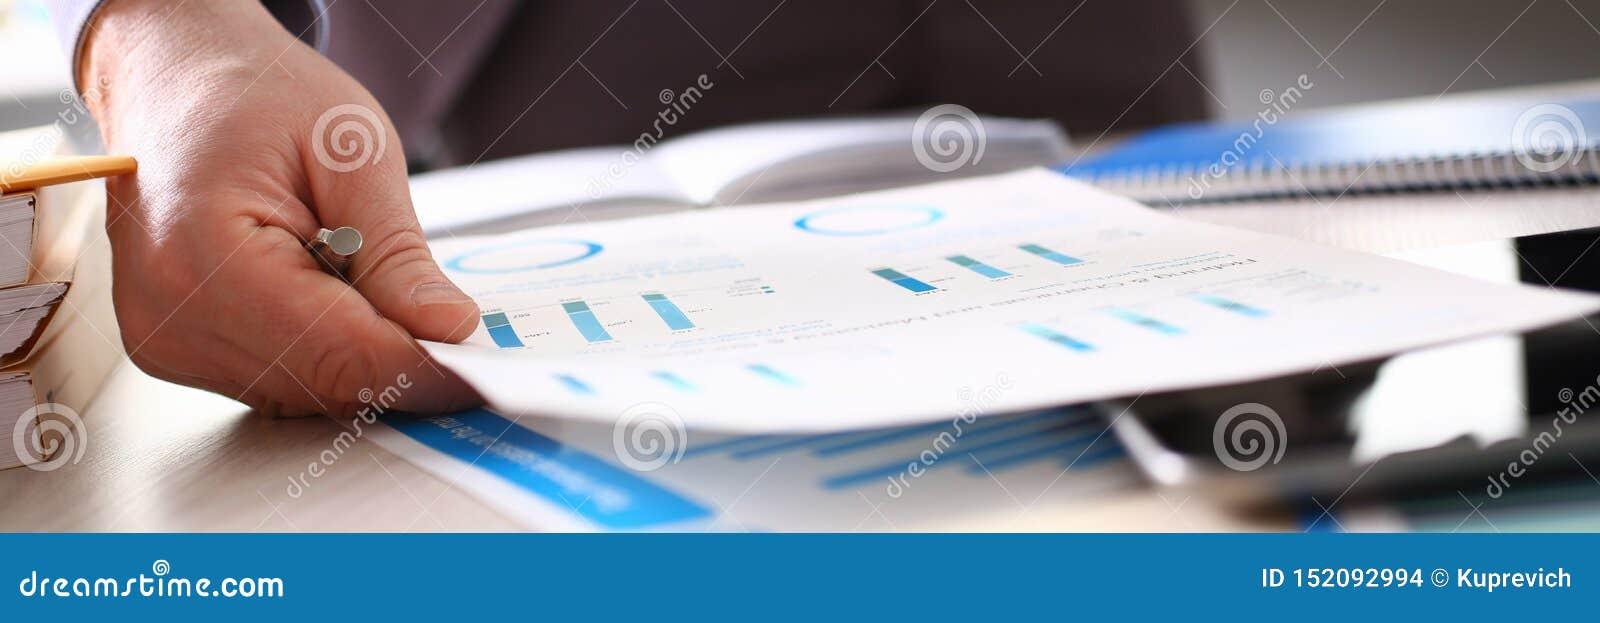 Buchhalter Calculate Tax Income unter Verwendung des Taschenrechners